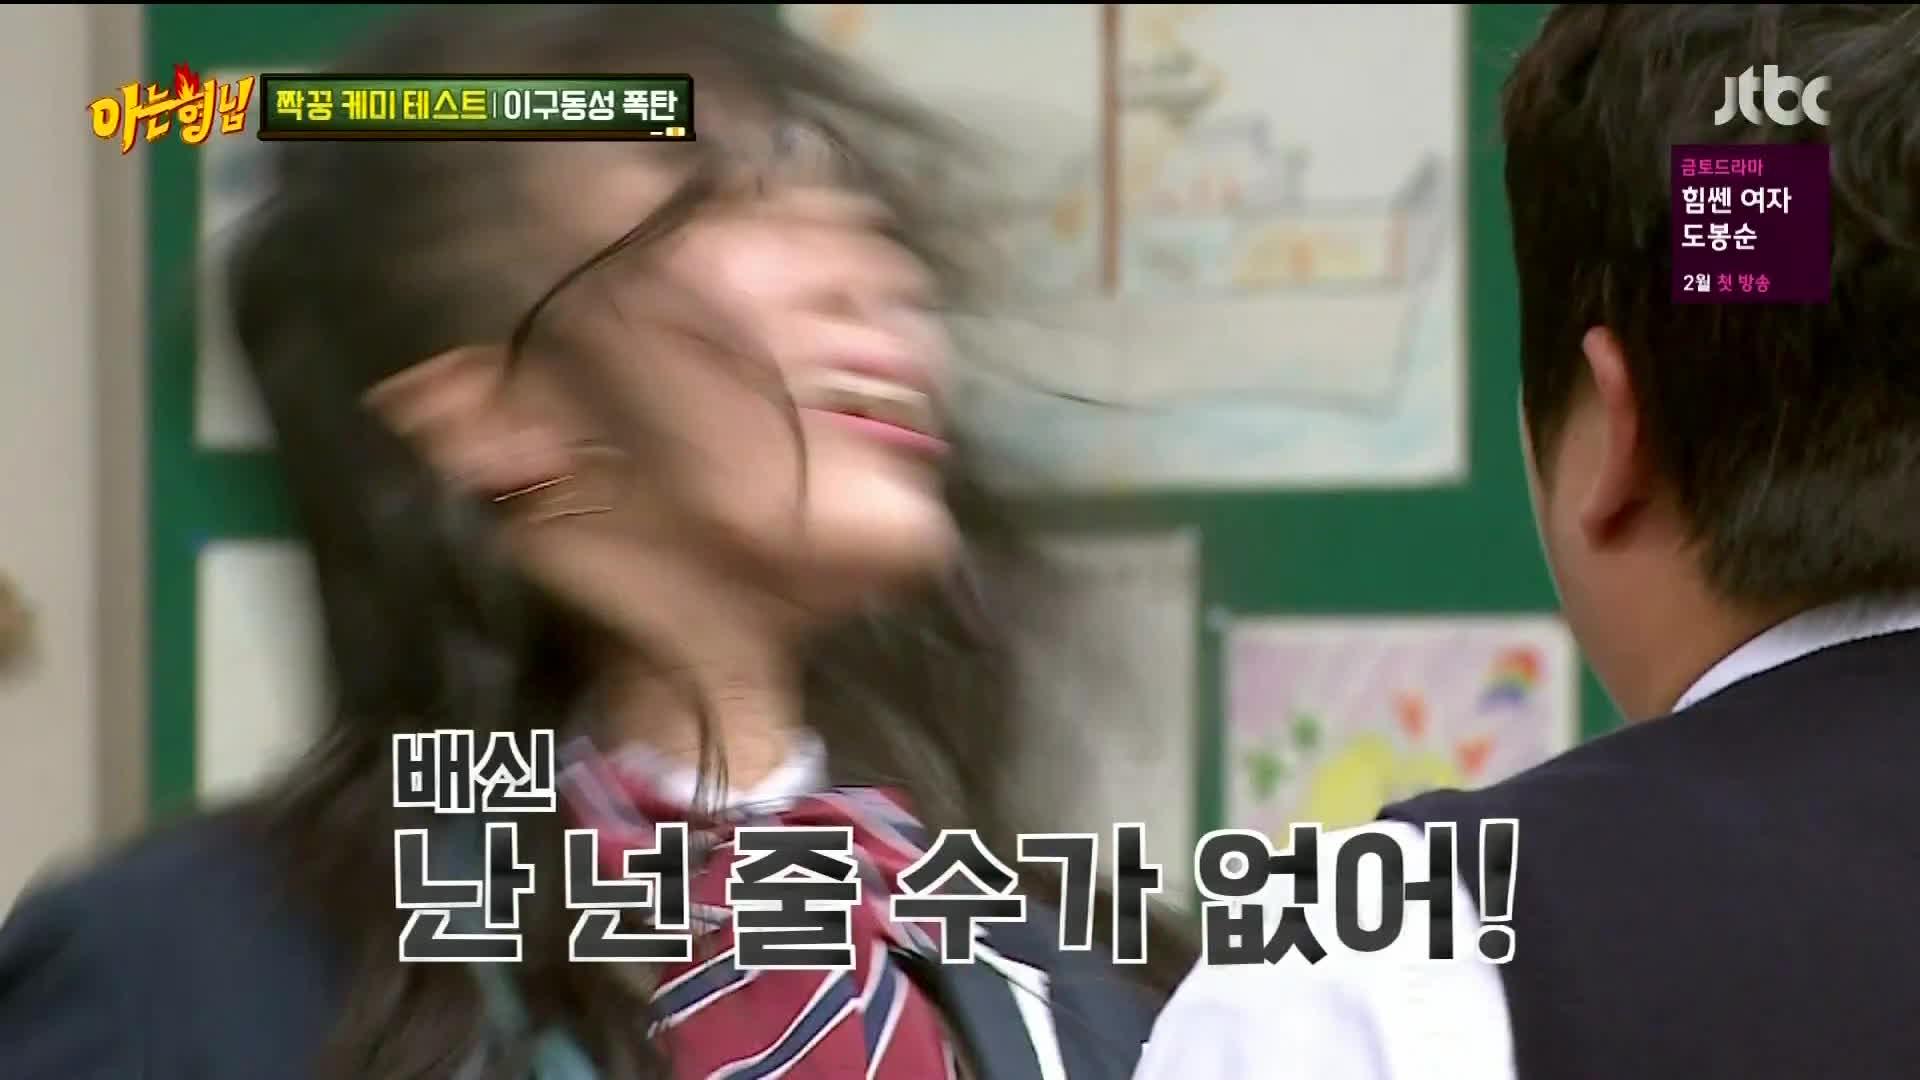 AceOfAngels8, Jihyo, Twice, aceofangels8, kpop, Chanmi 04 GIFs